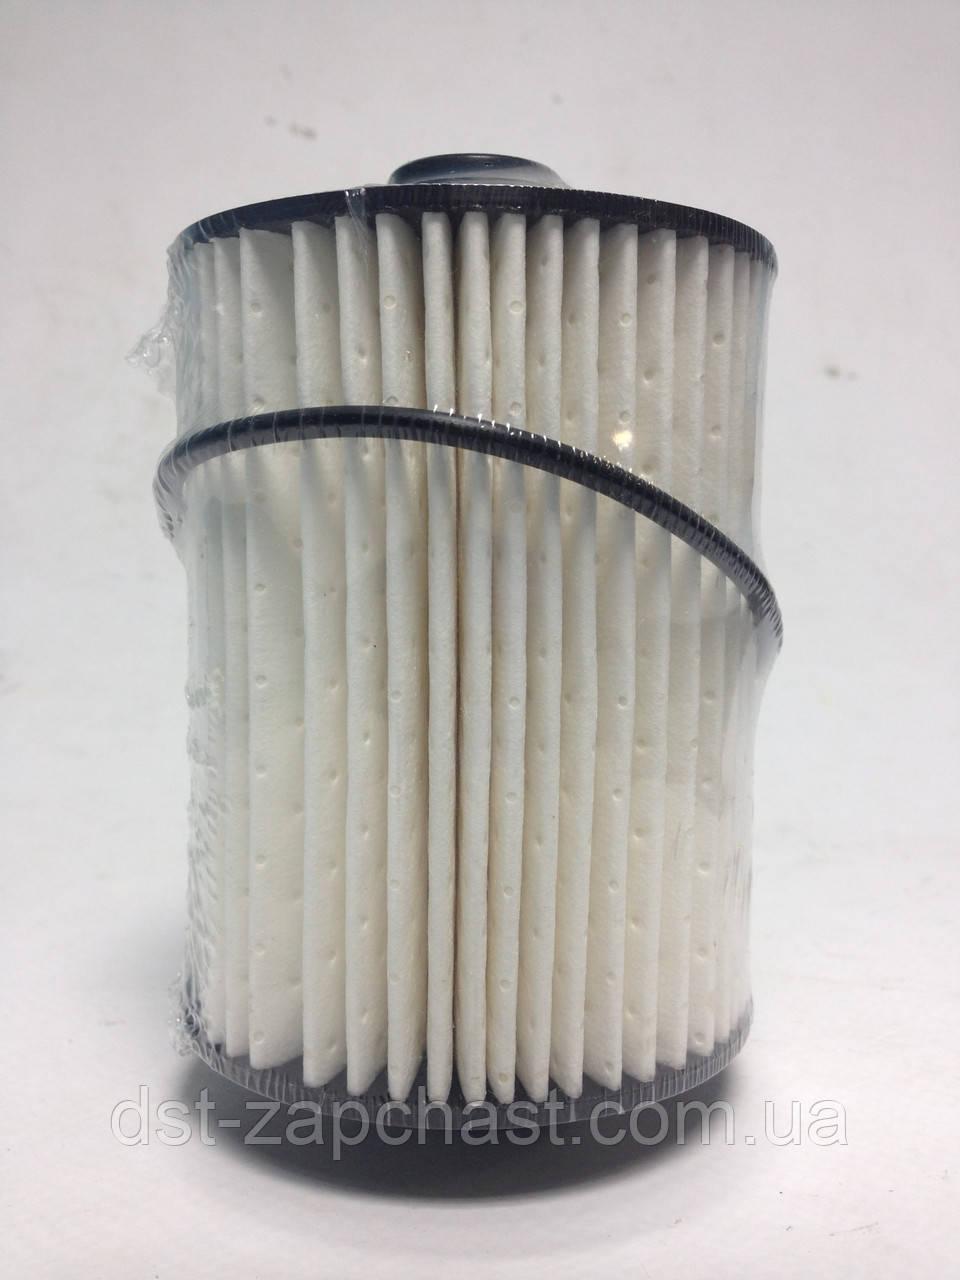 5264870 фильтр топлива FS19925 Cummins ISF2.8